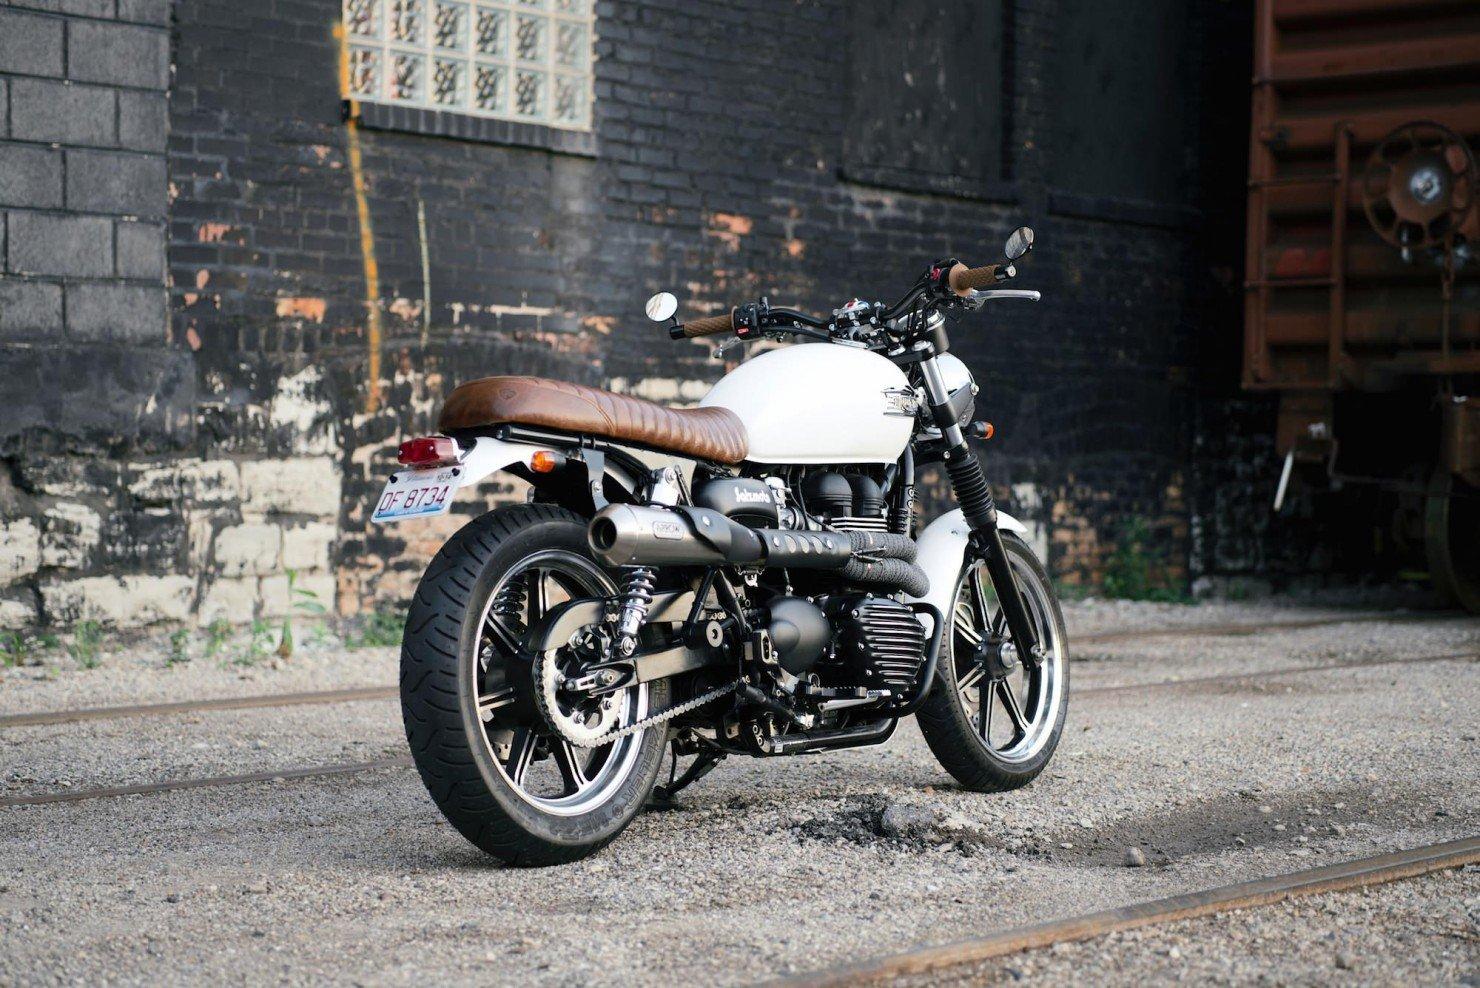 Triumph_Bonneville_Motorcycle_21